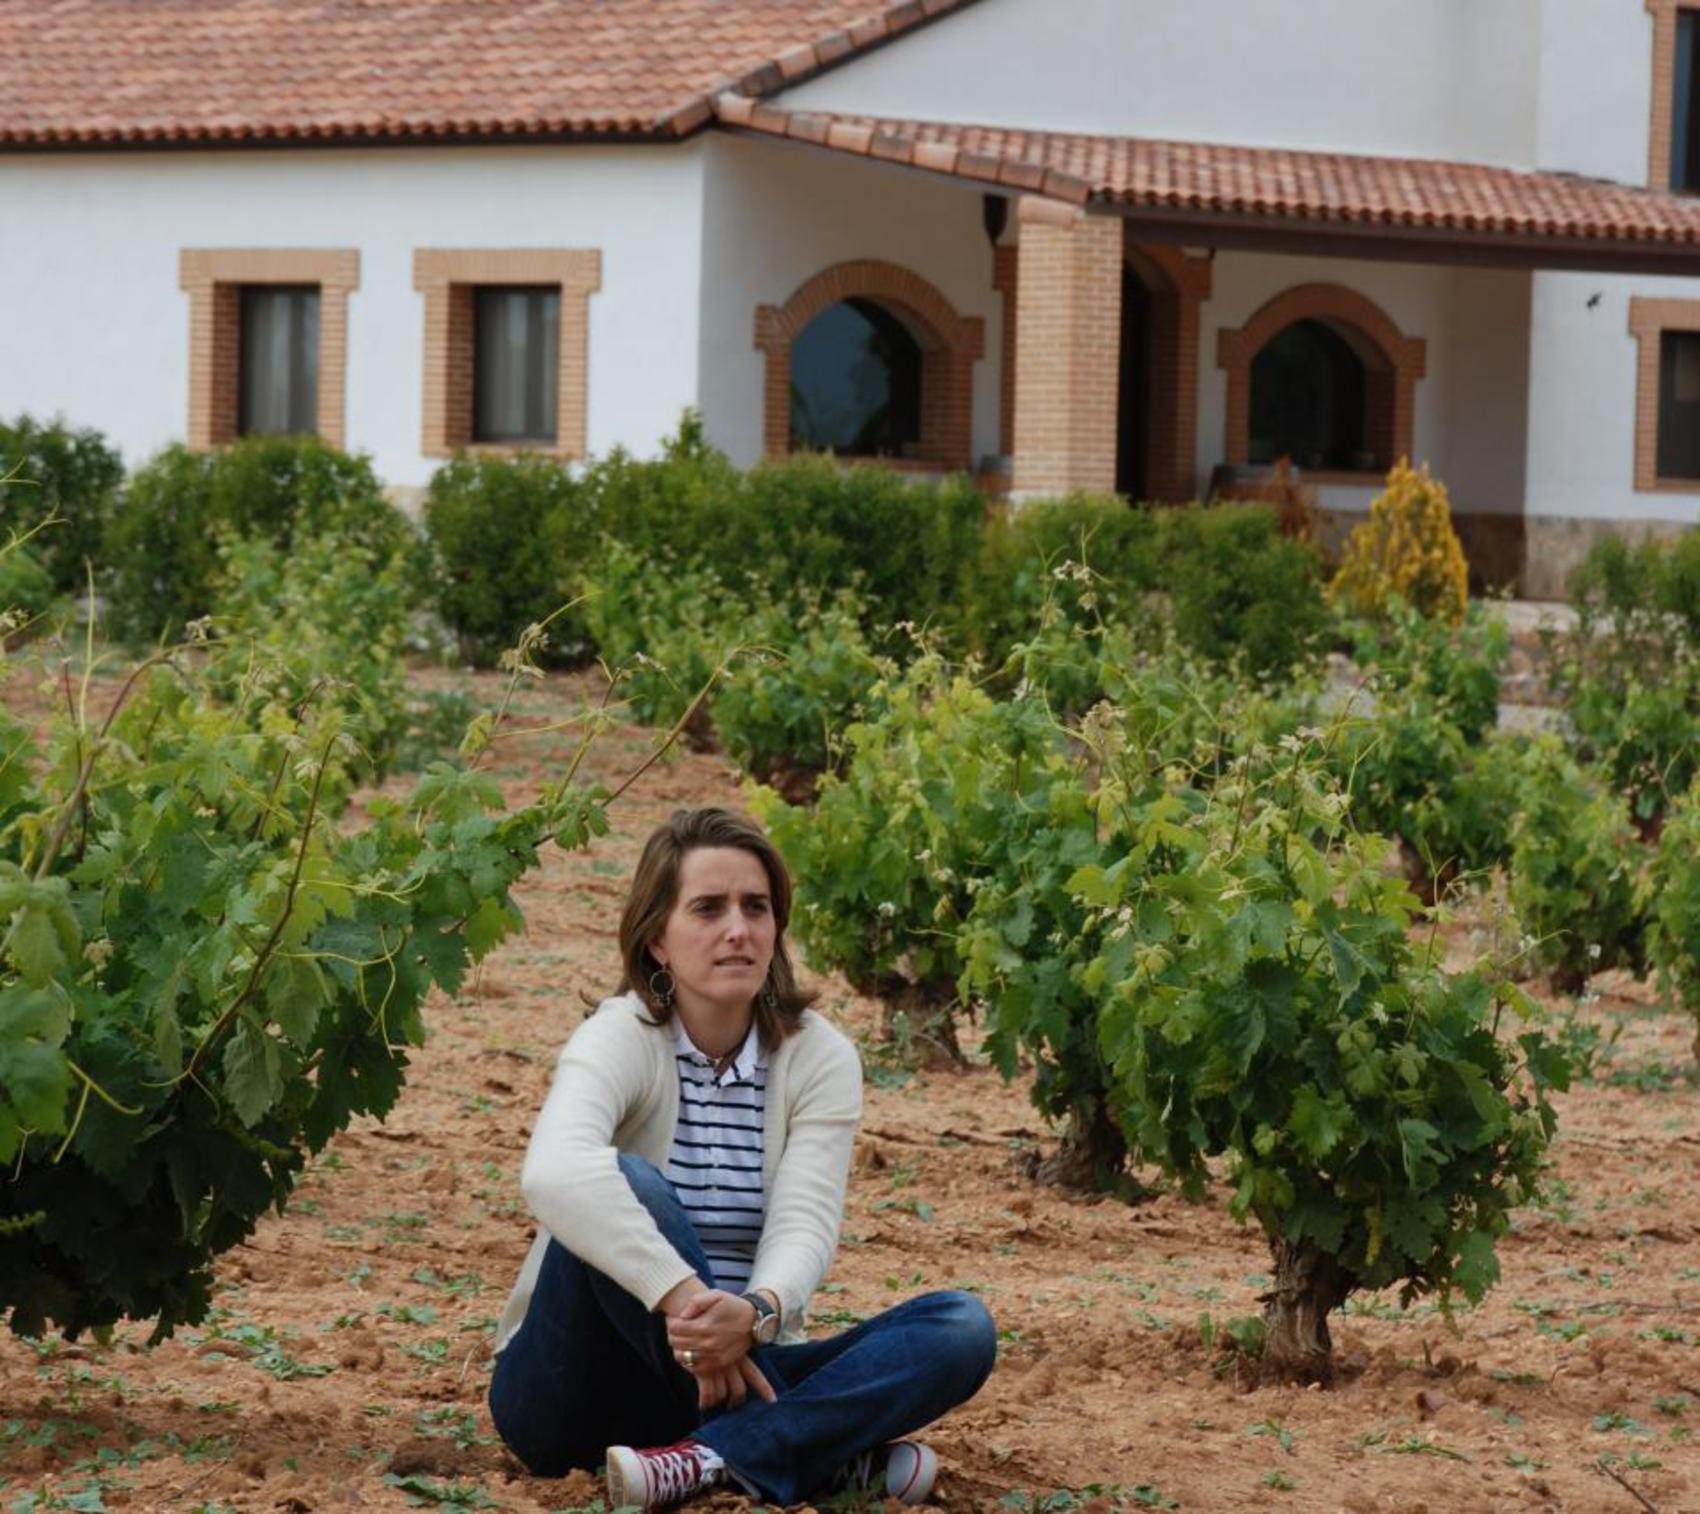 La Asociación de vino ecológico » Spanishorganicwines » elige FENAVIN para darse a conocer en el mundo del vino